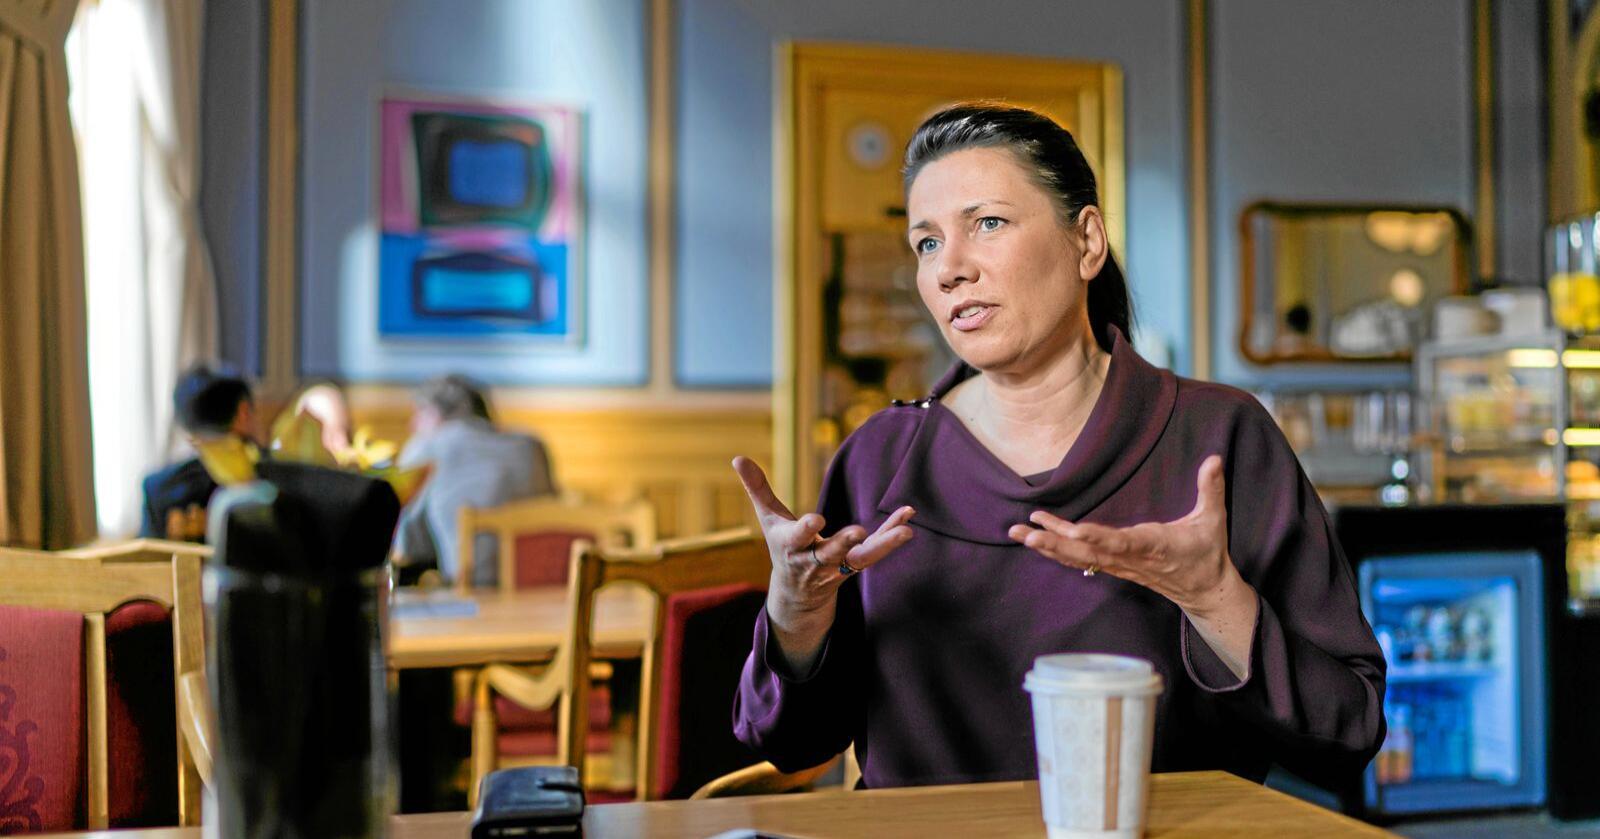 Høyre vil skape rullebånd inn i arbeidslivet, ikke ut av det, skriver Heidi Nordby Lunde. Foto: Ketil Blom Haugstulen